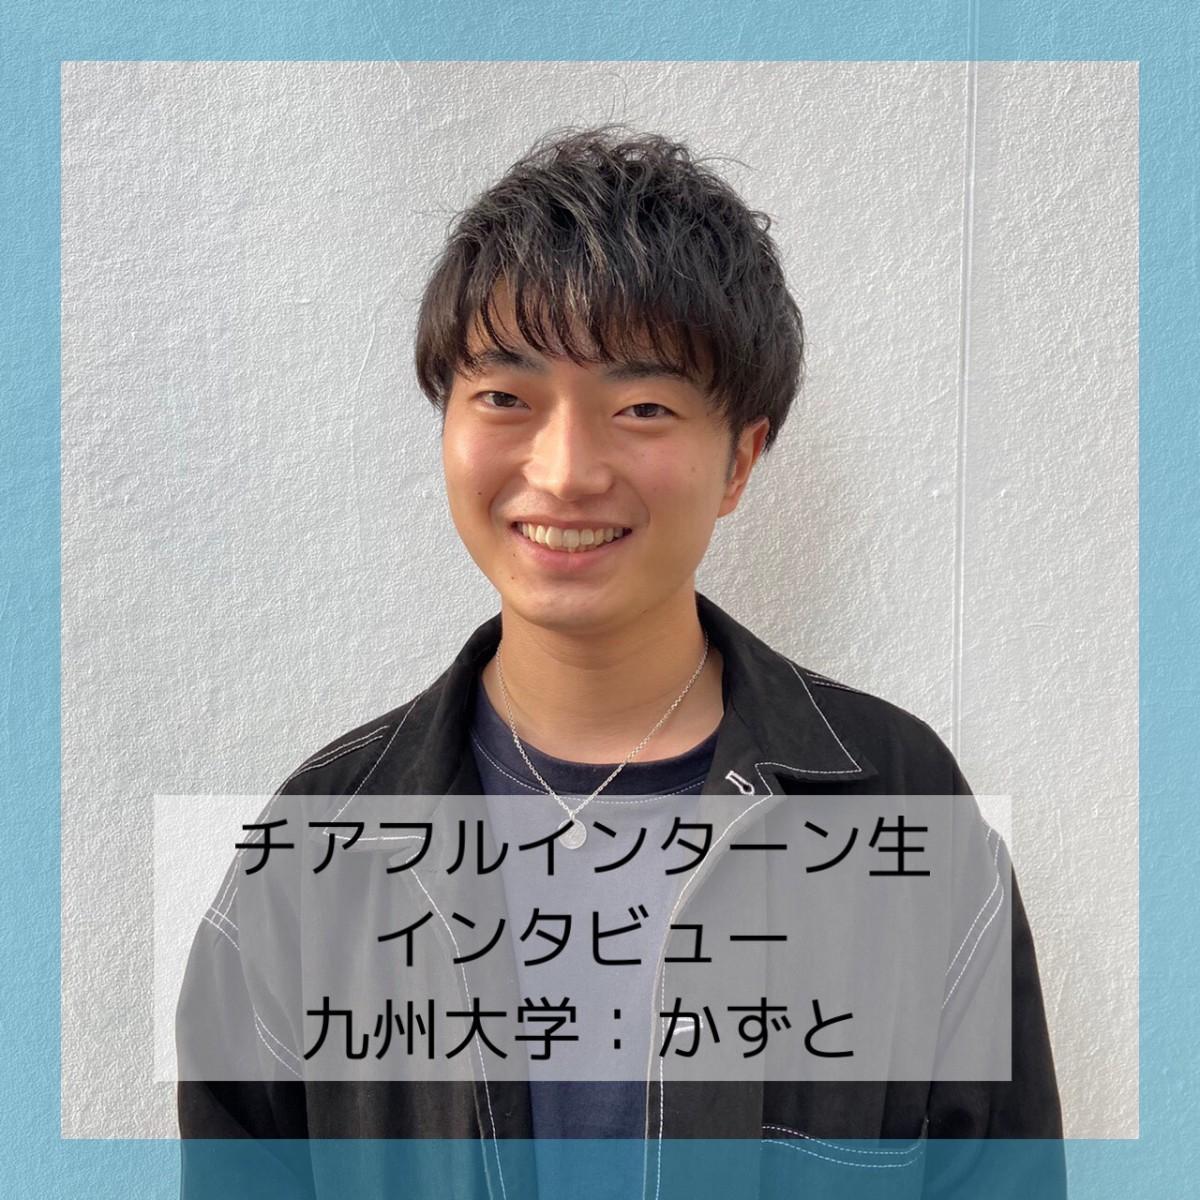 【福岡21卒:九州大学】メンバーと共に、本質を叩き直す場所です。